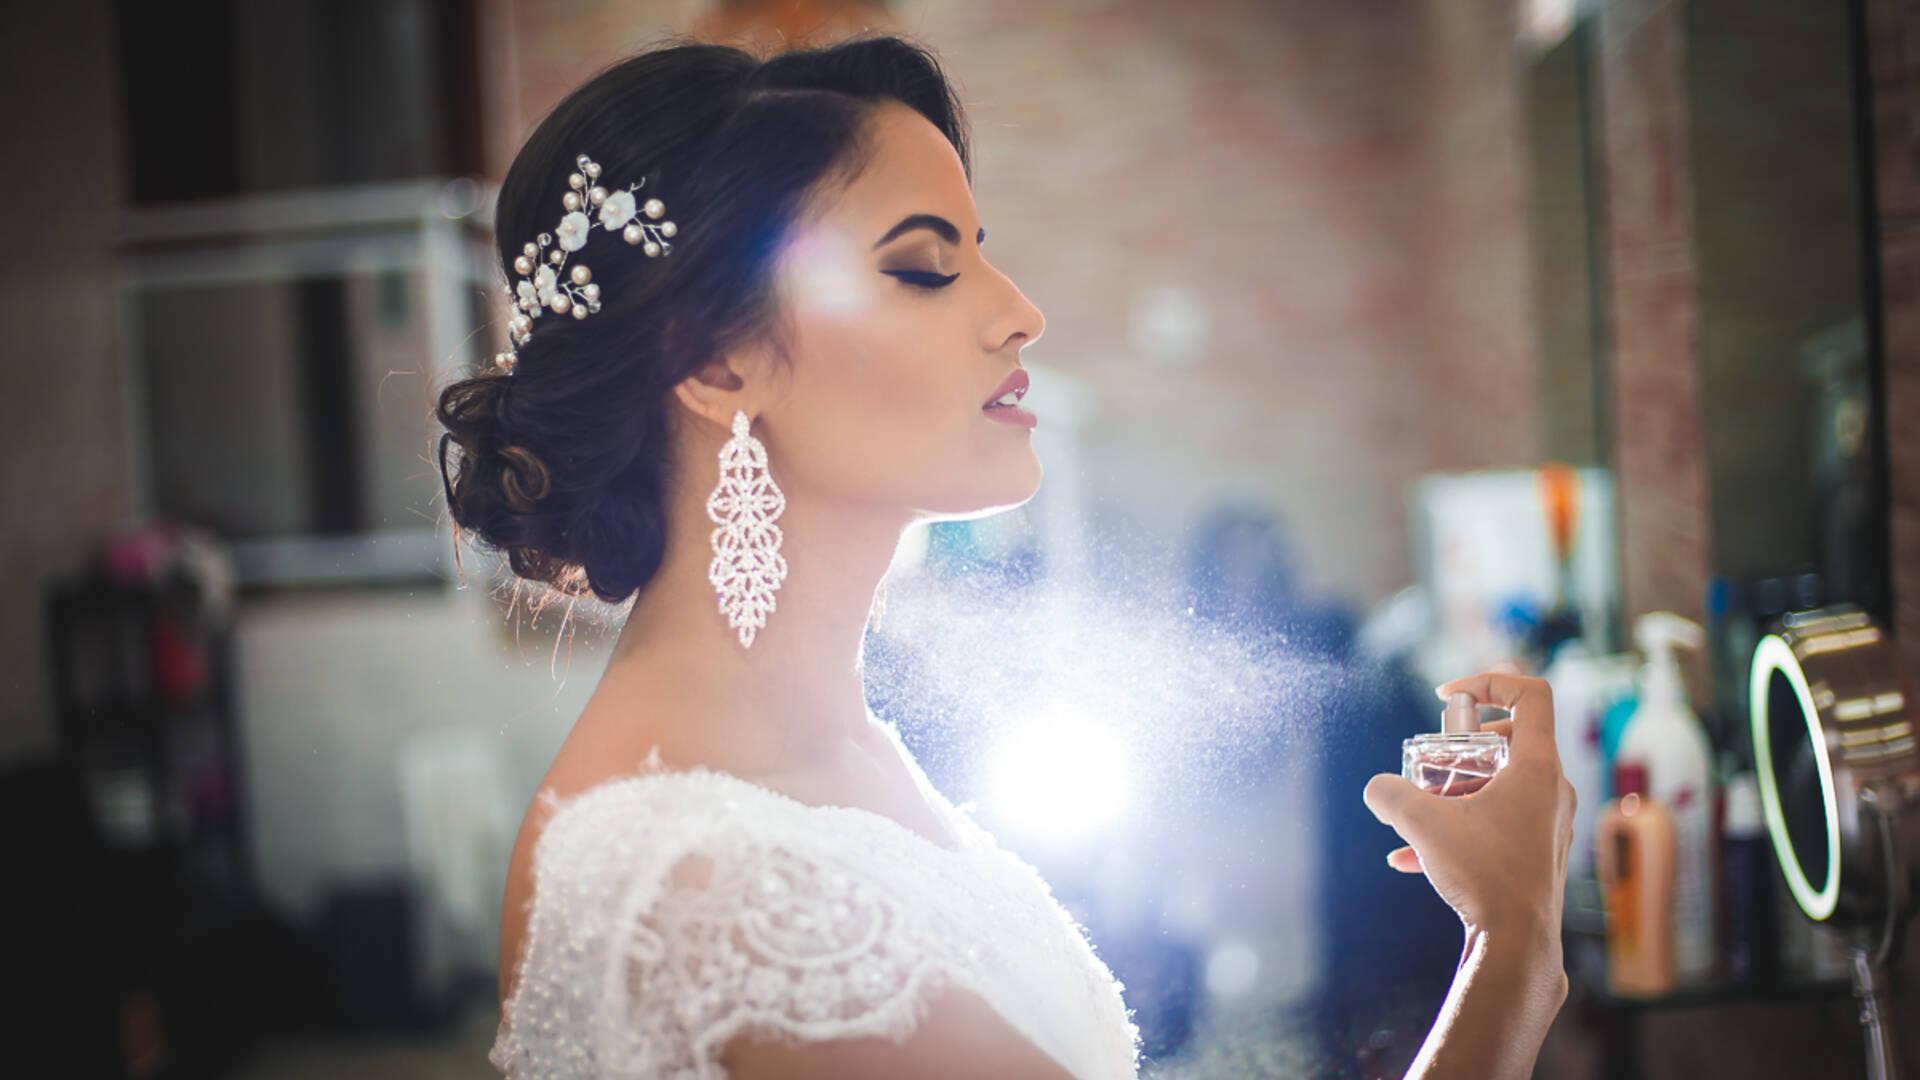 Blog de 7 Momentos de arrepiar que presenciei em casamentos